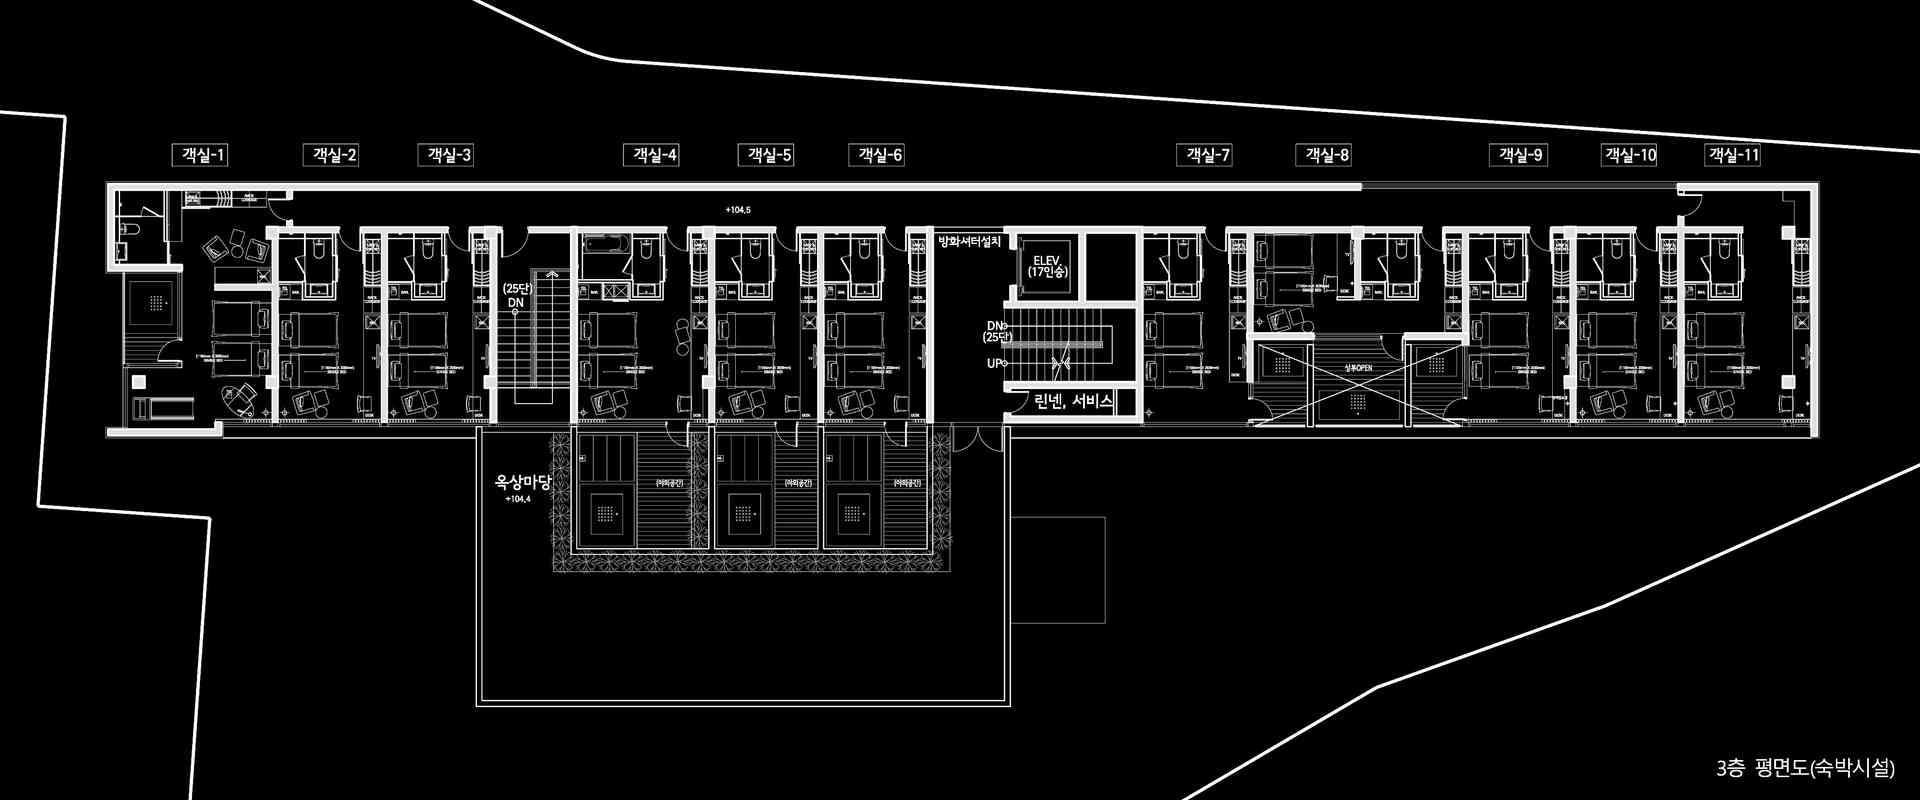 05 도면 20161221 평면도 Model (3층)black.jpg